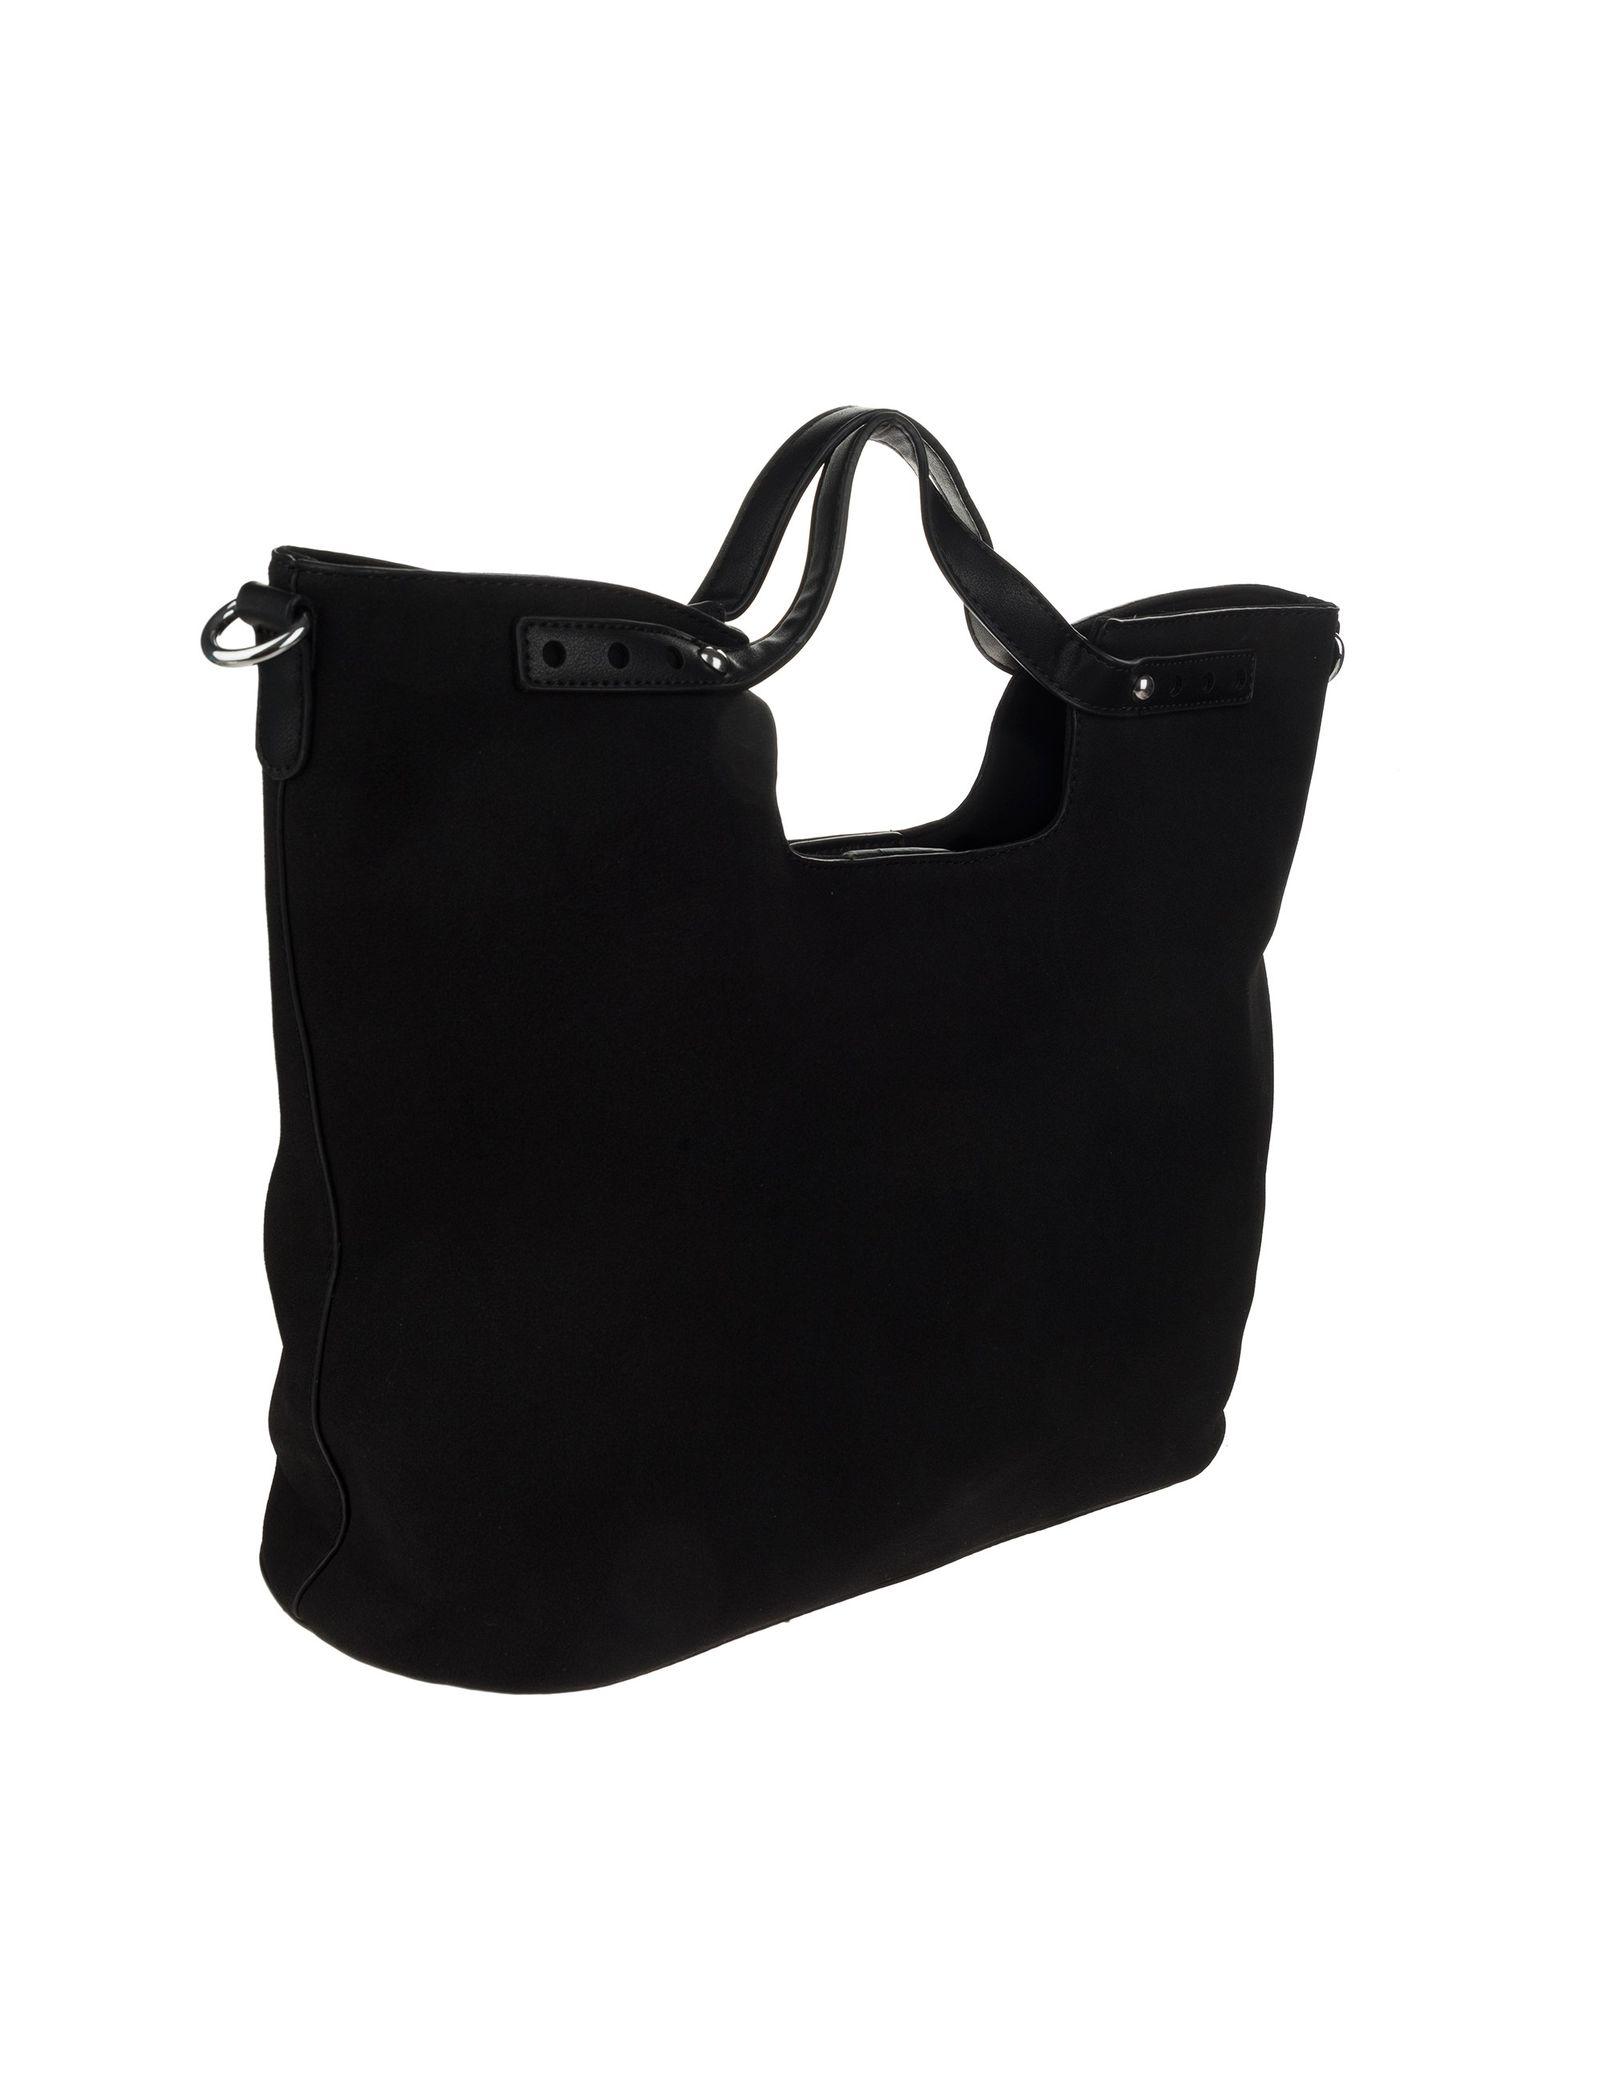 کیف دستی روزمره زنانه - شانتال تک سایز - مشکي  - 4